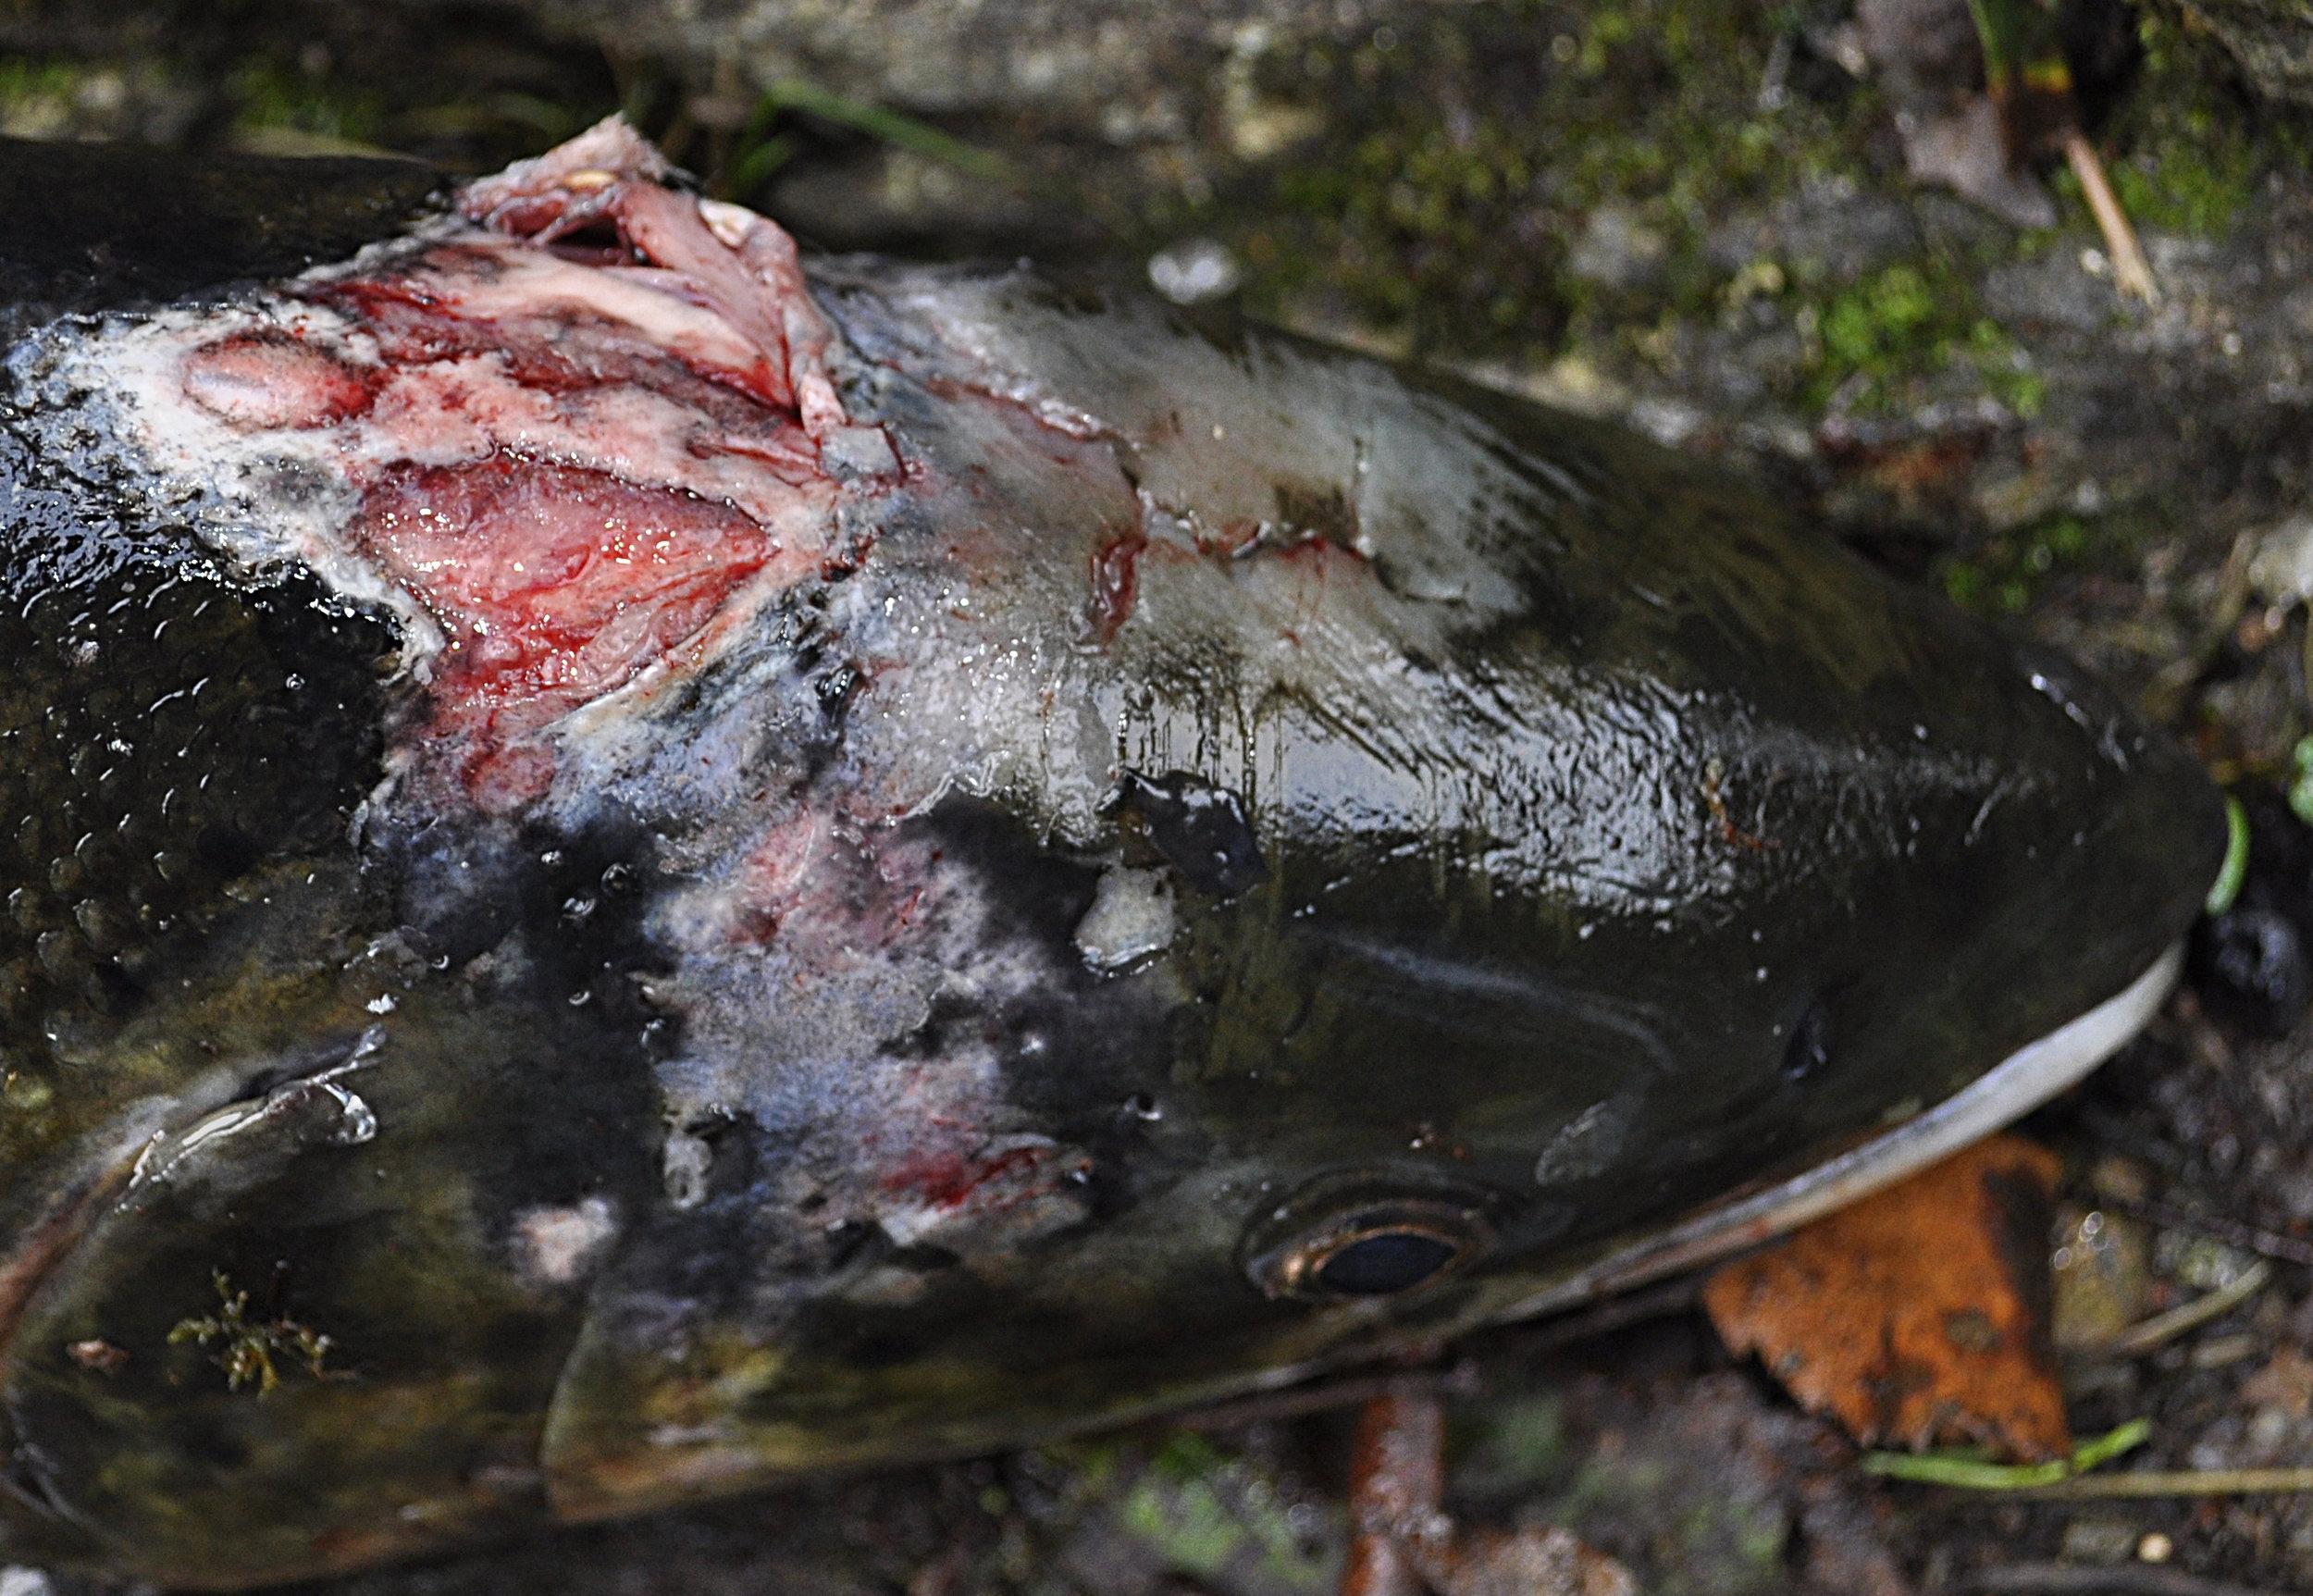 Lakselusen kan beite svært aggressivt og føre til store skader på både vill- og oppdrettslaks. Foto: John Øystein Berg